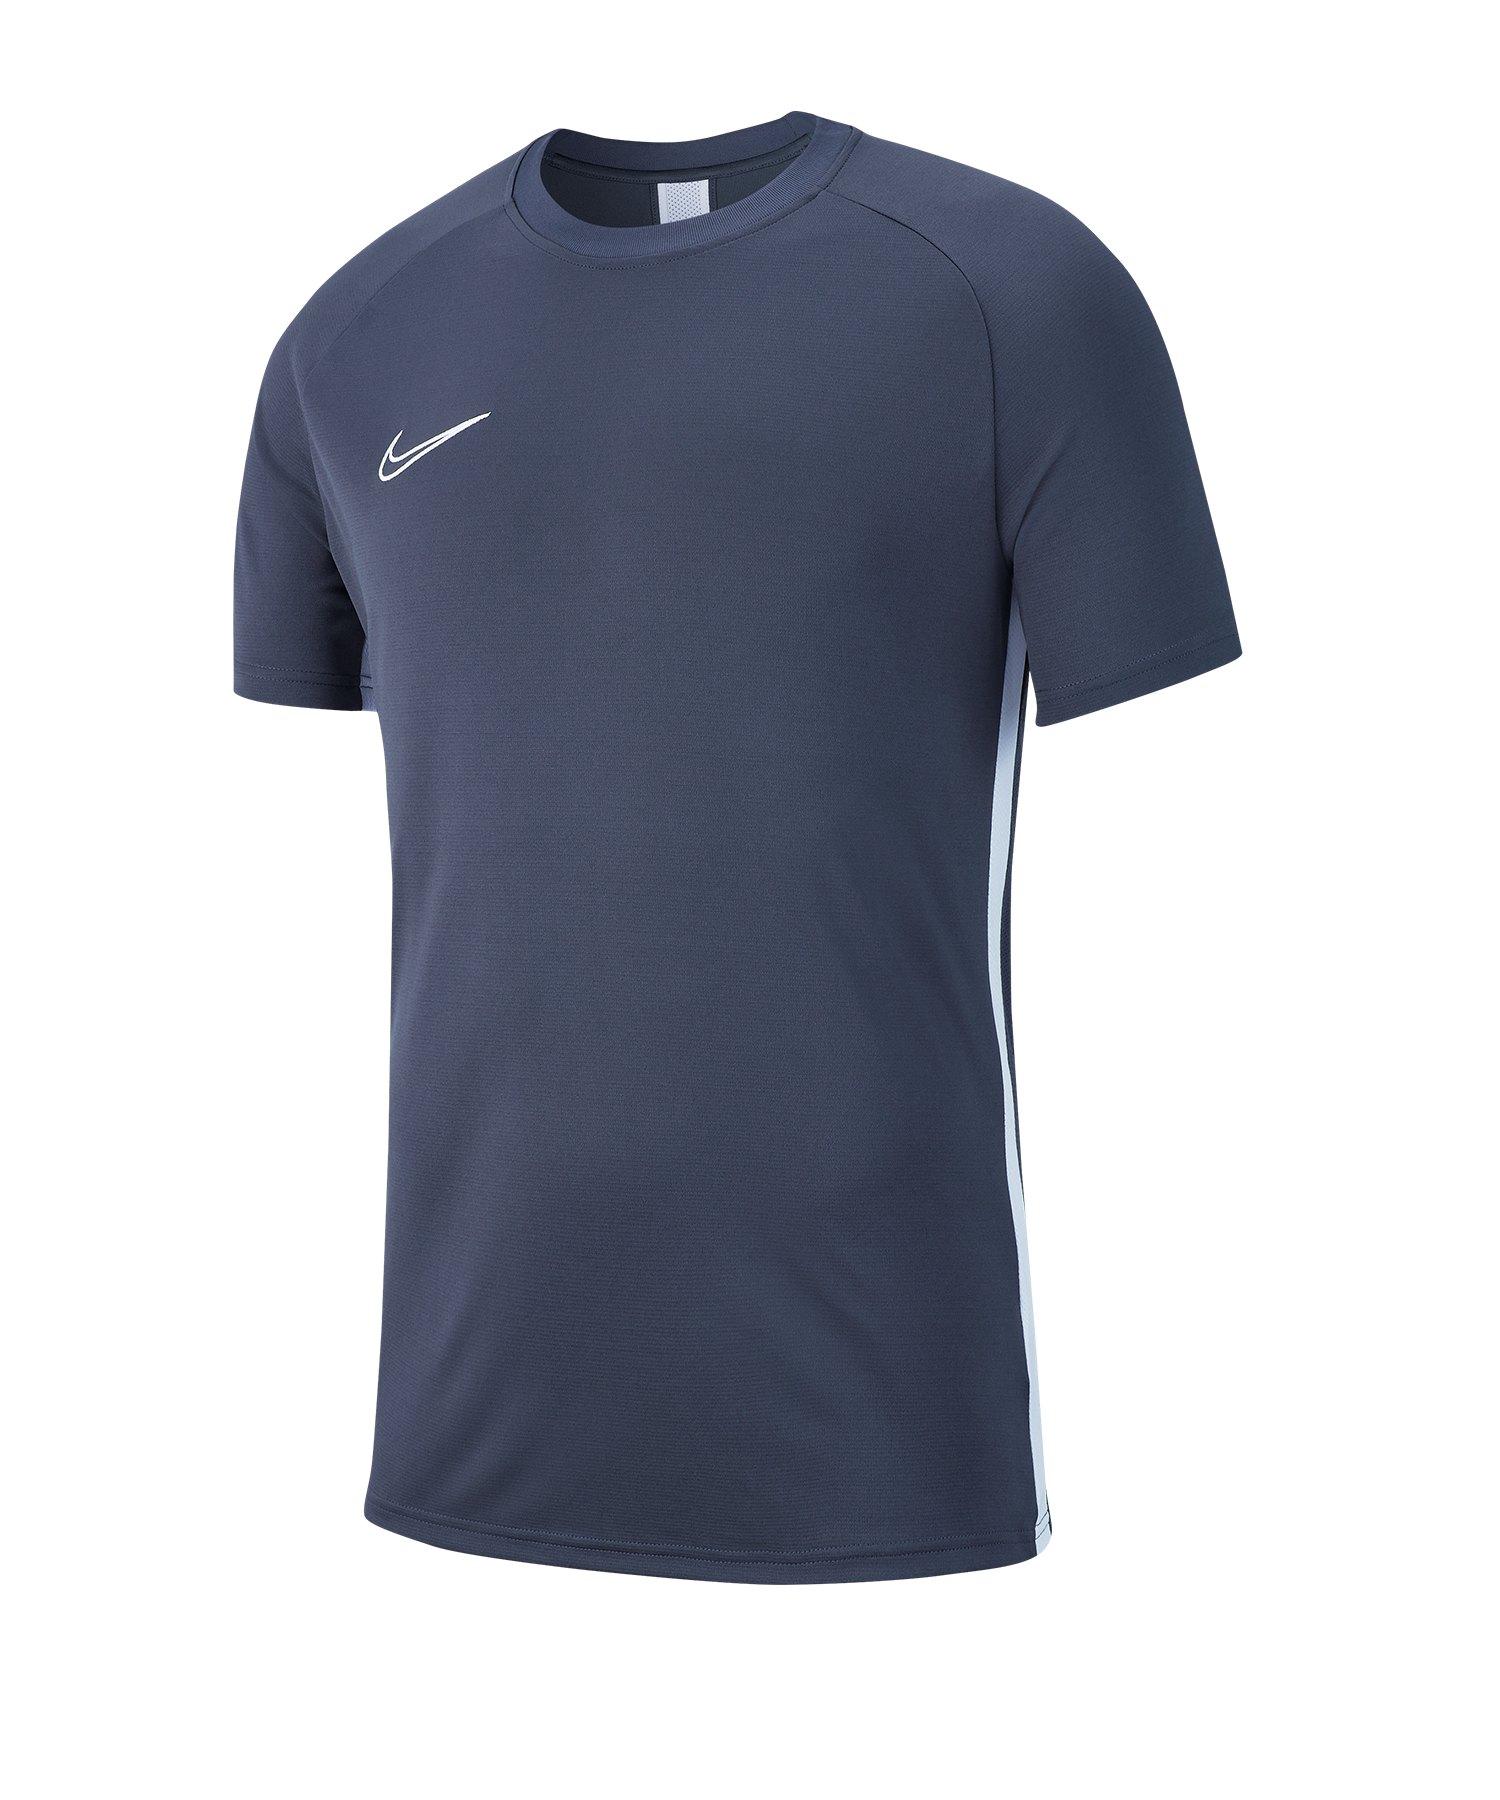 Nike Academy 19 Trainingstop T-Shirt Grau F060 - grau